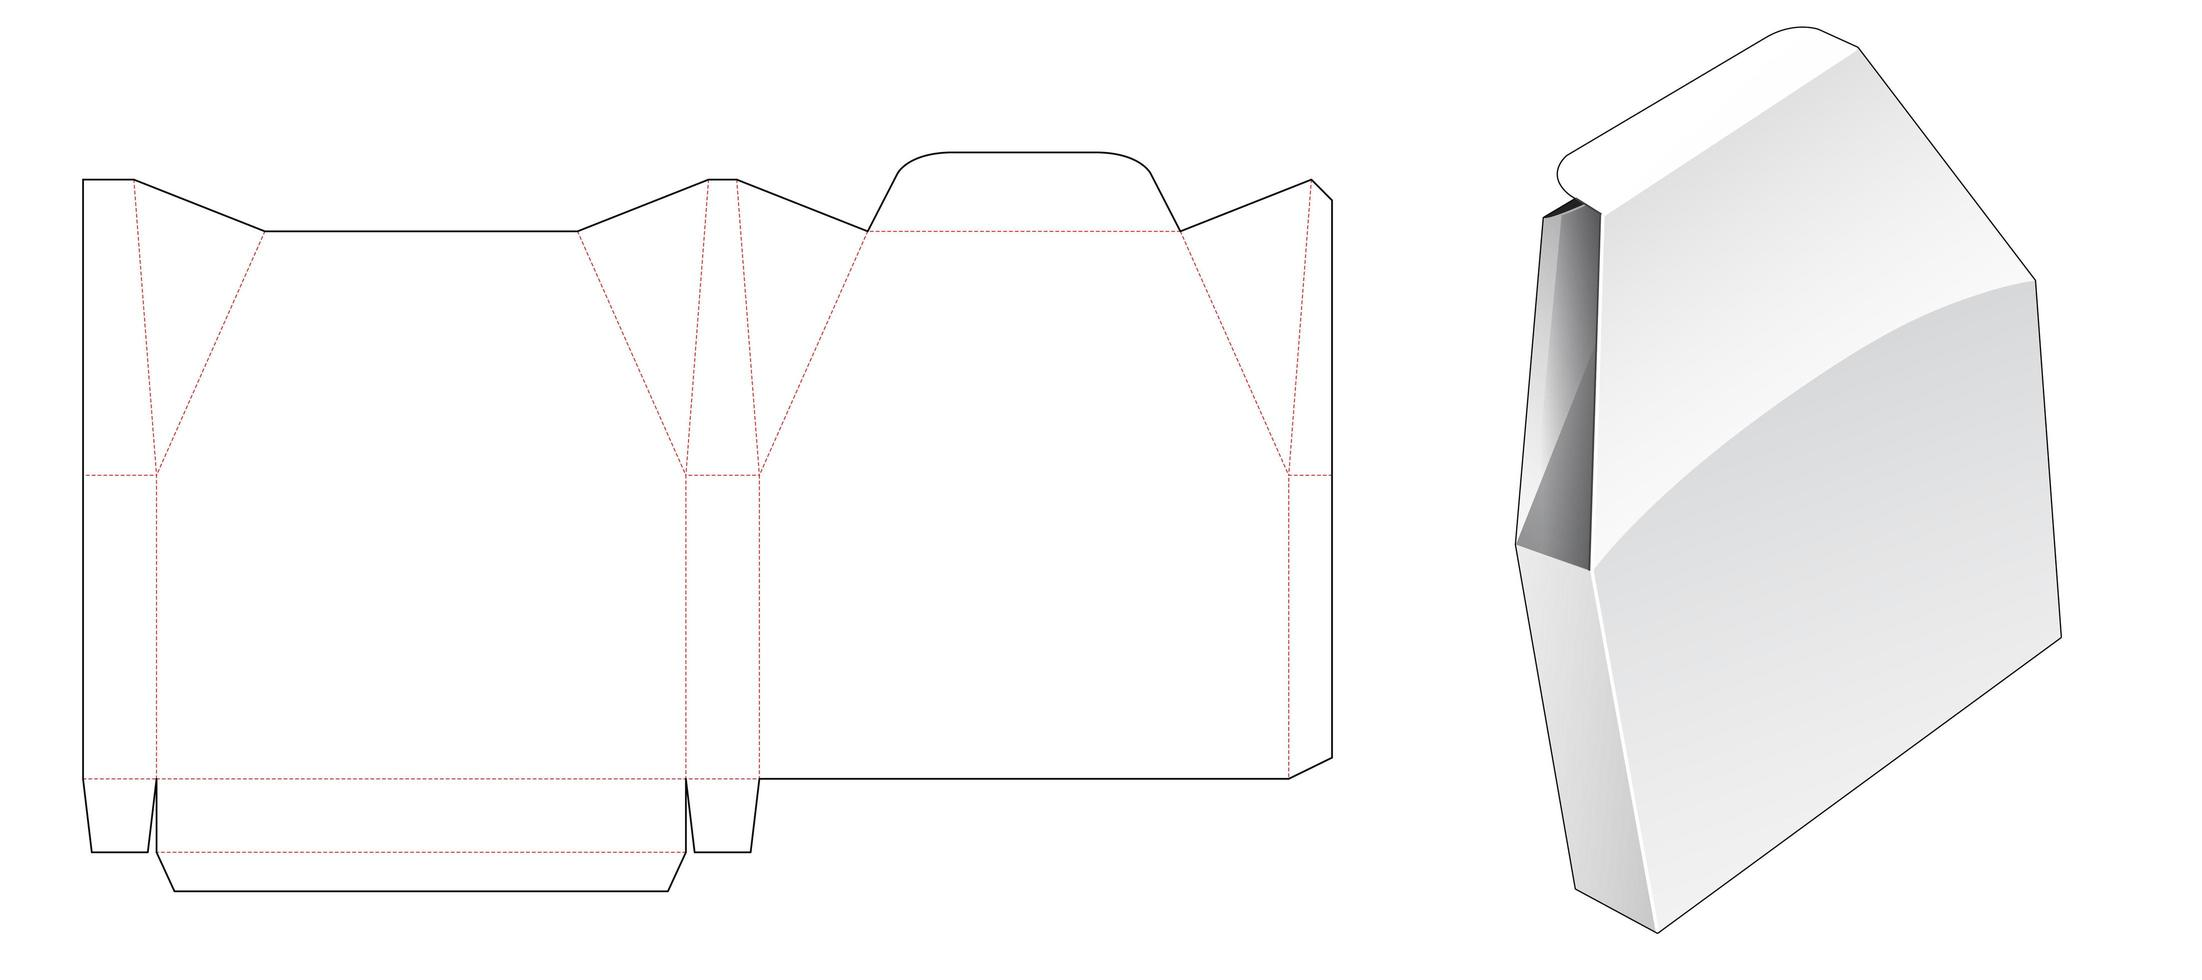 tenn unik formad förpackning vektor